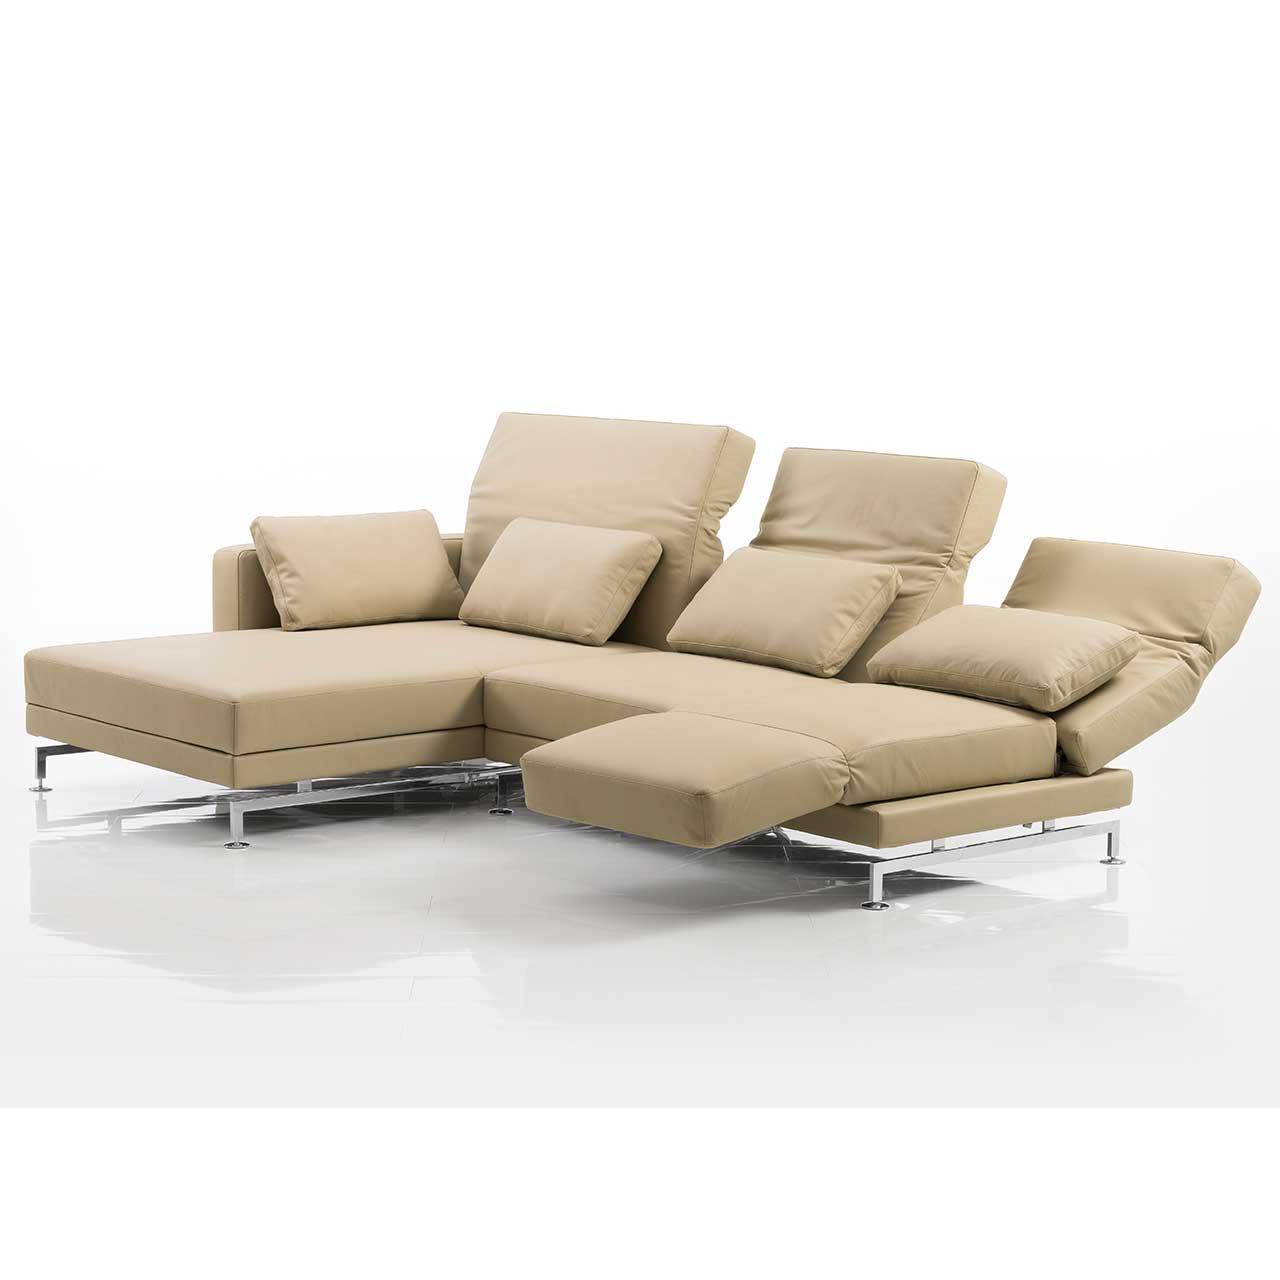 Bruhl Moule Medium Sofa Sitzgruppe 70138 70123 Bruhl Mobel Shop